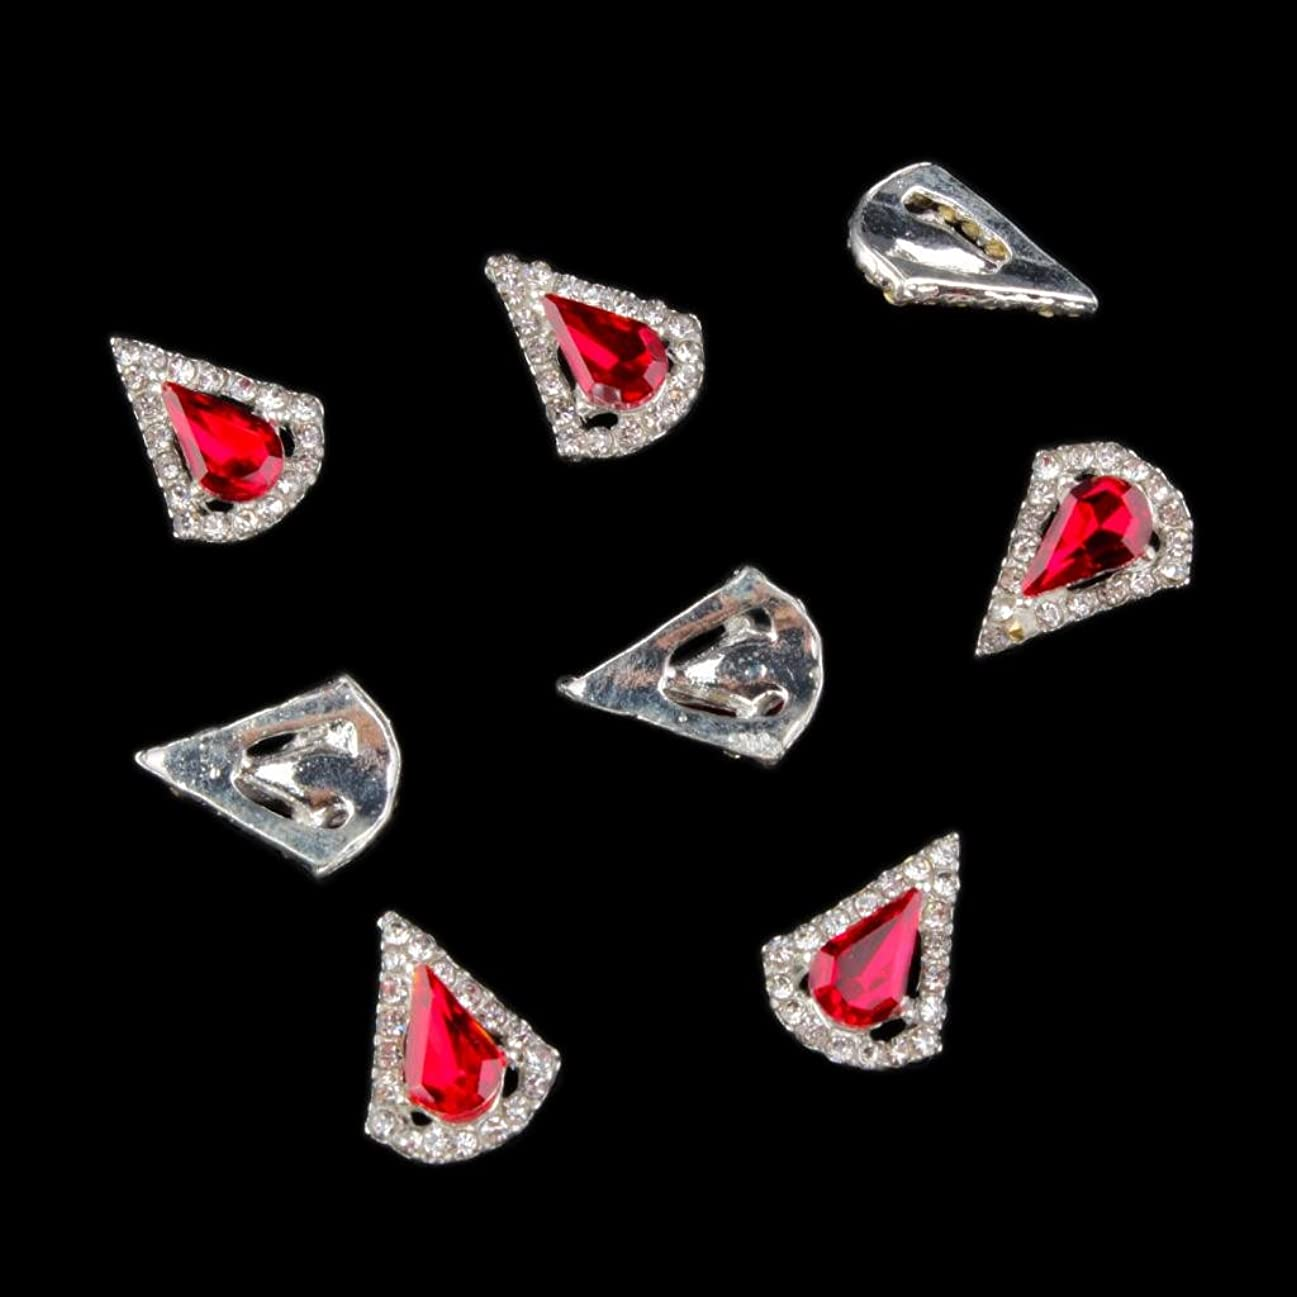 正しく白い不安定なSM SunniMix 10本入り ネイルステッカー 3D ネイルアート ステッカー ネイル 宝石 携帯電話装飾 DIY装飾 - 赤2